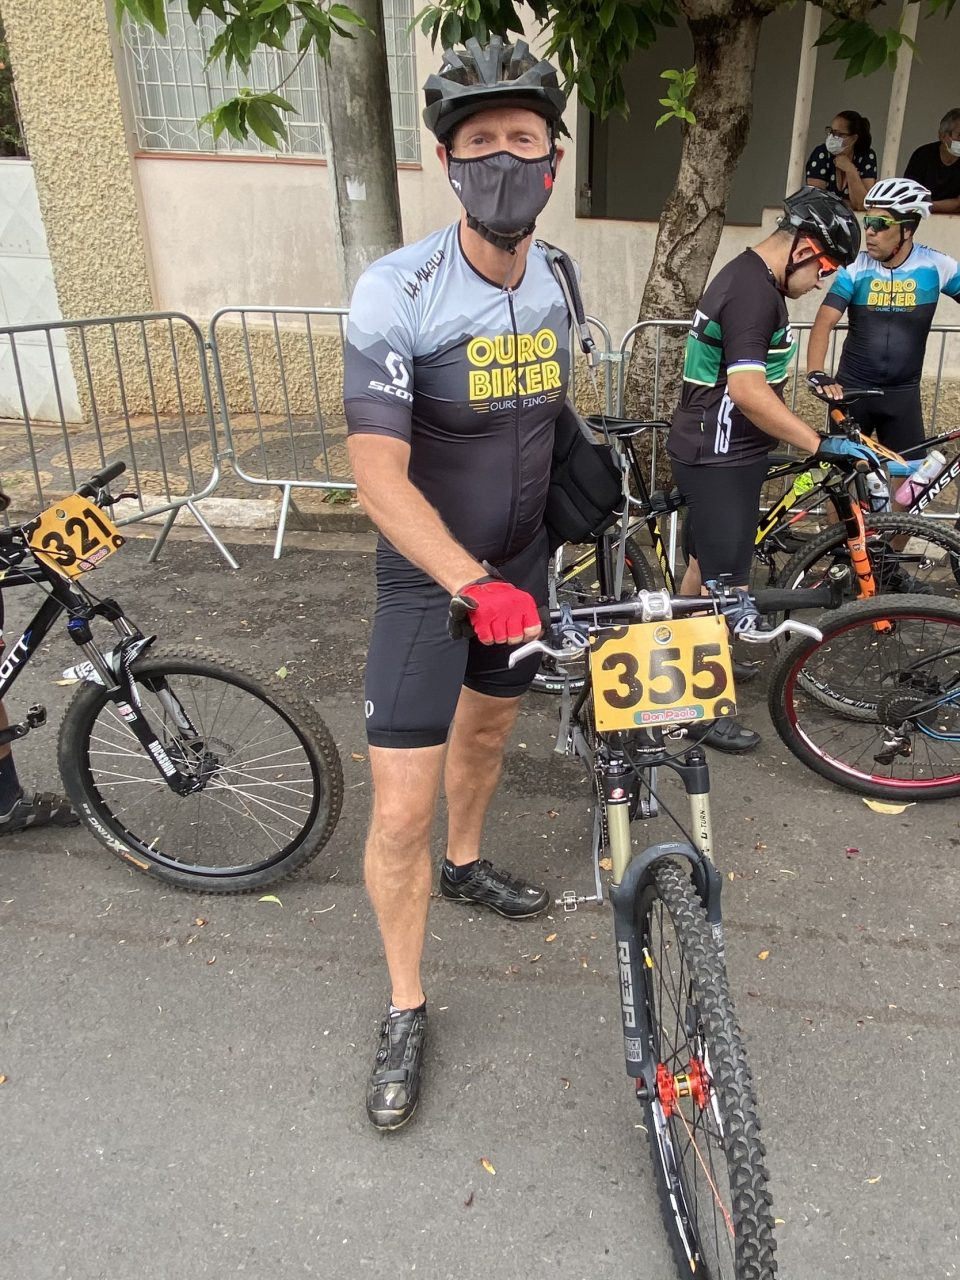 largada ourobiker sporttechtips